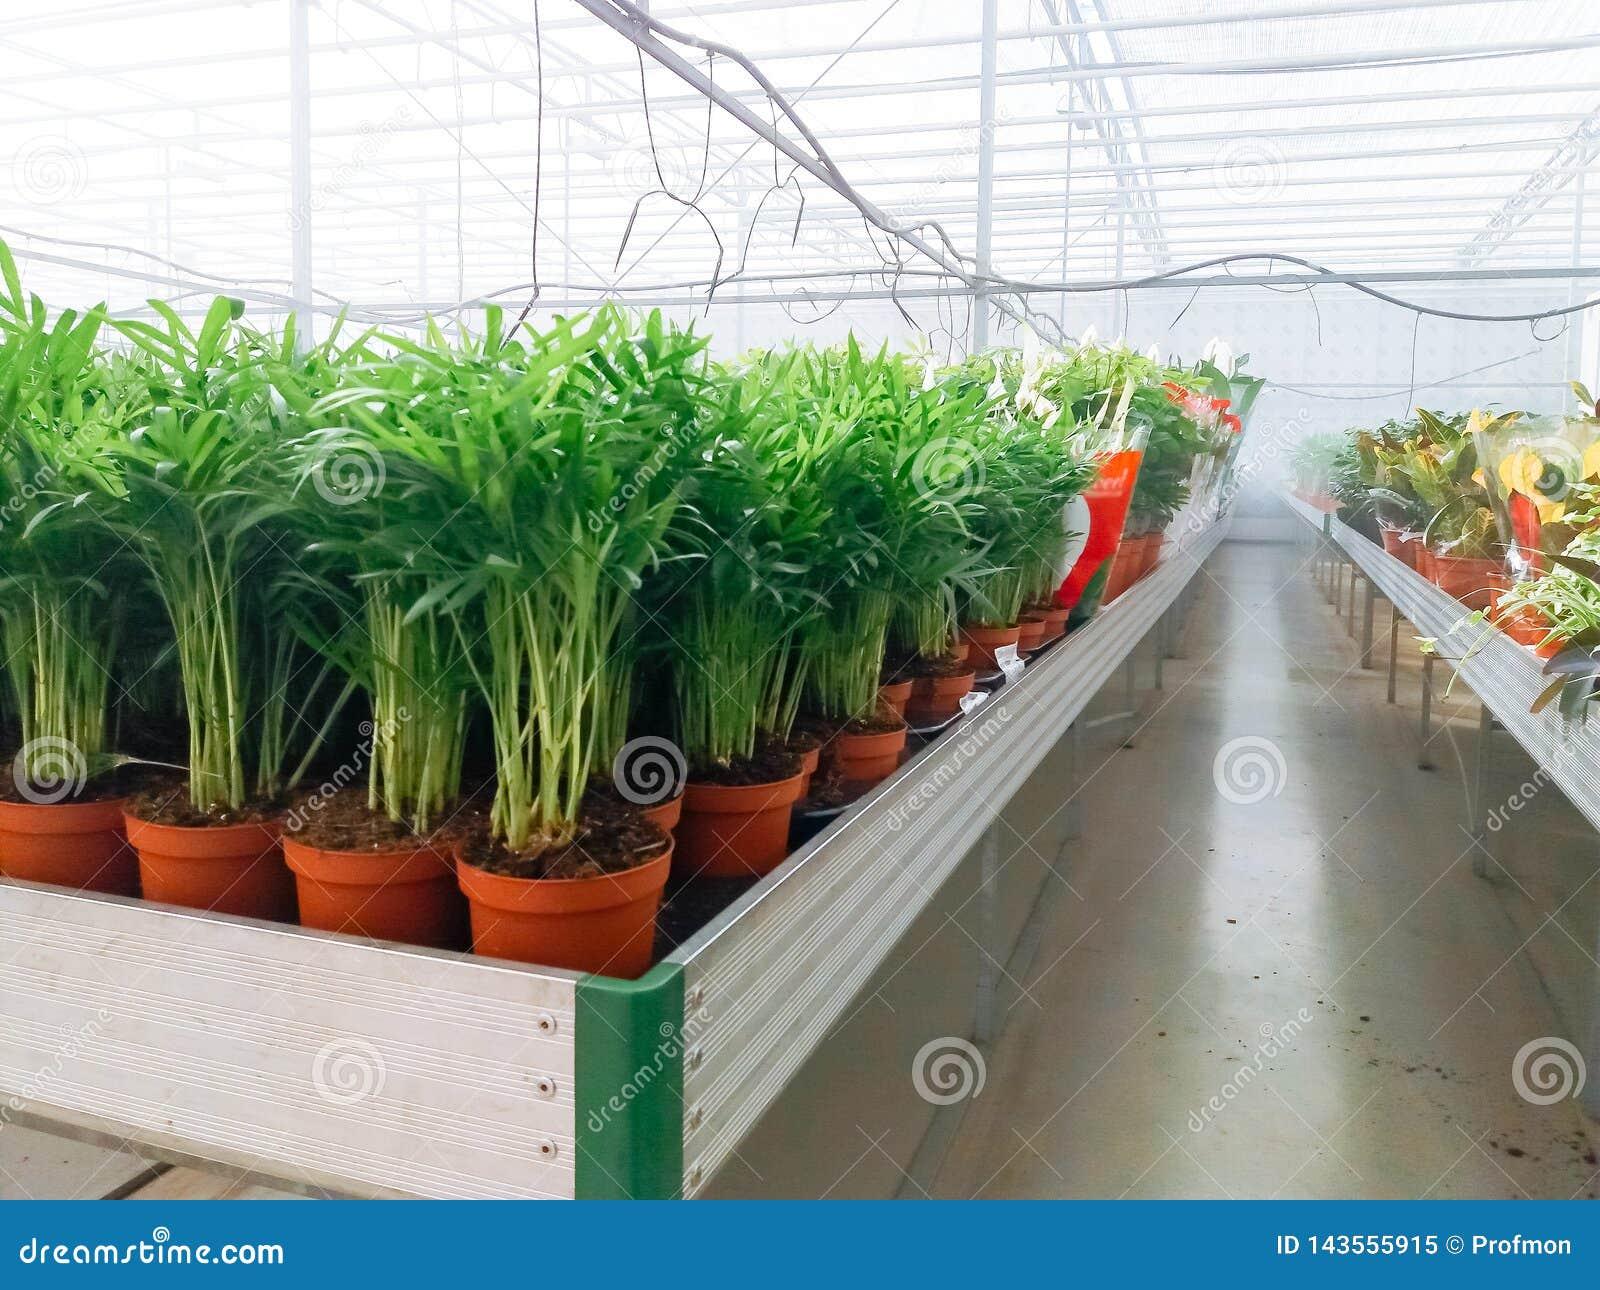 培养的装饰花卉生长在商业plactic箔包括园艺温室